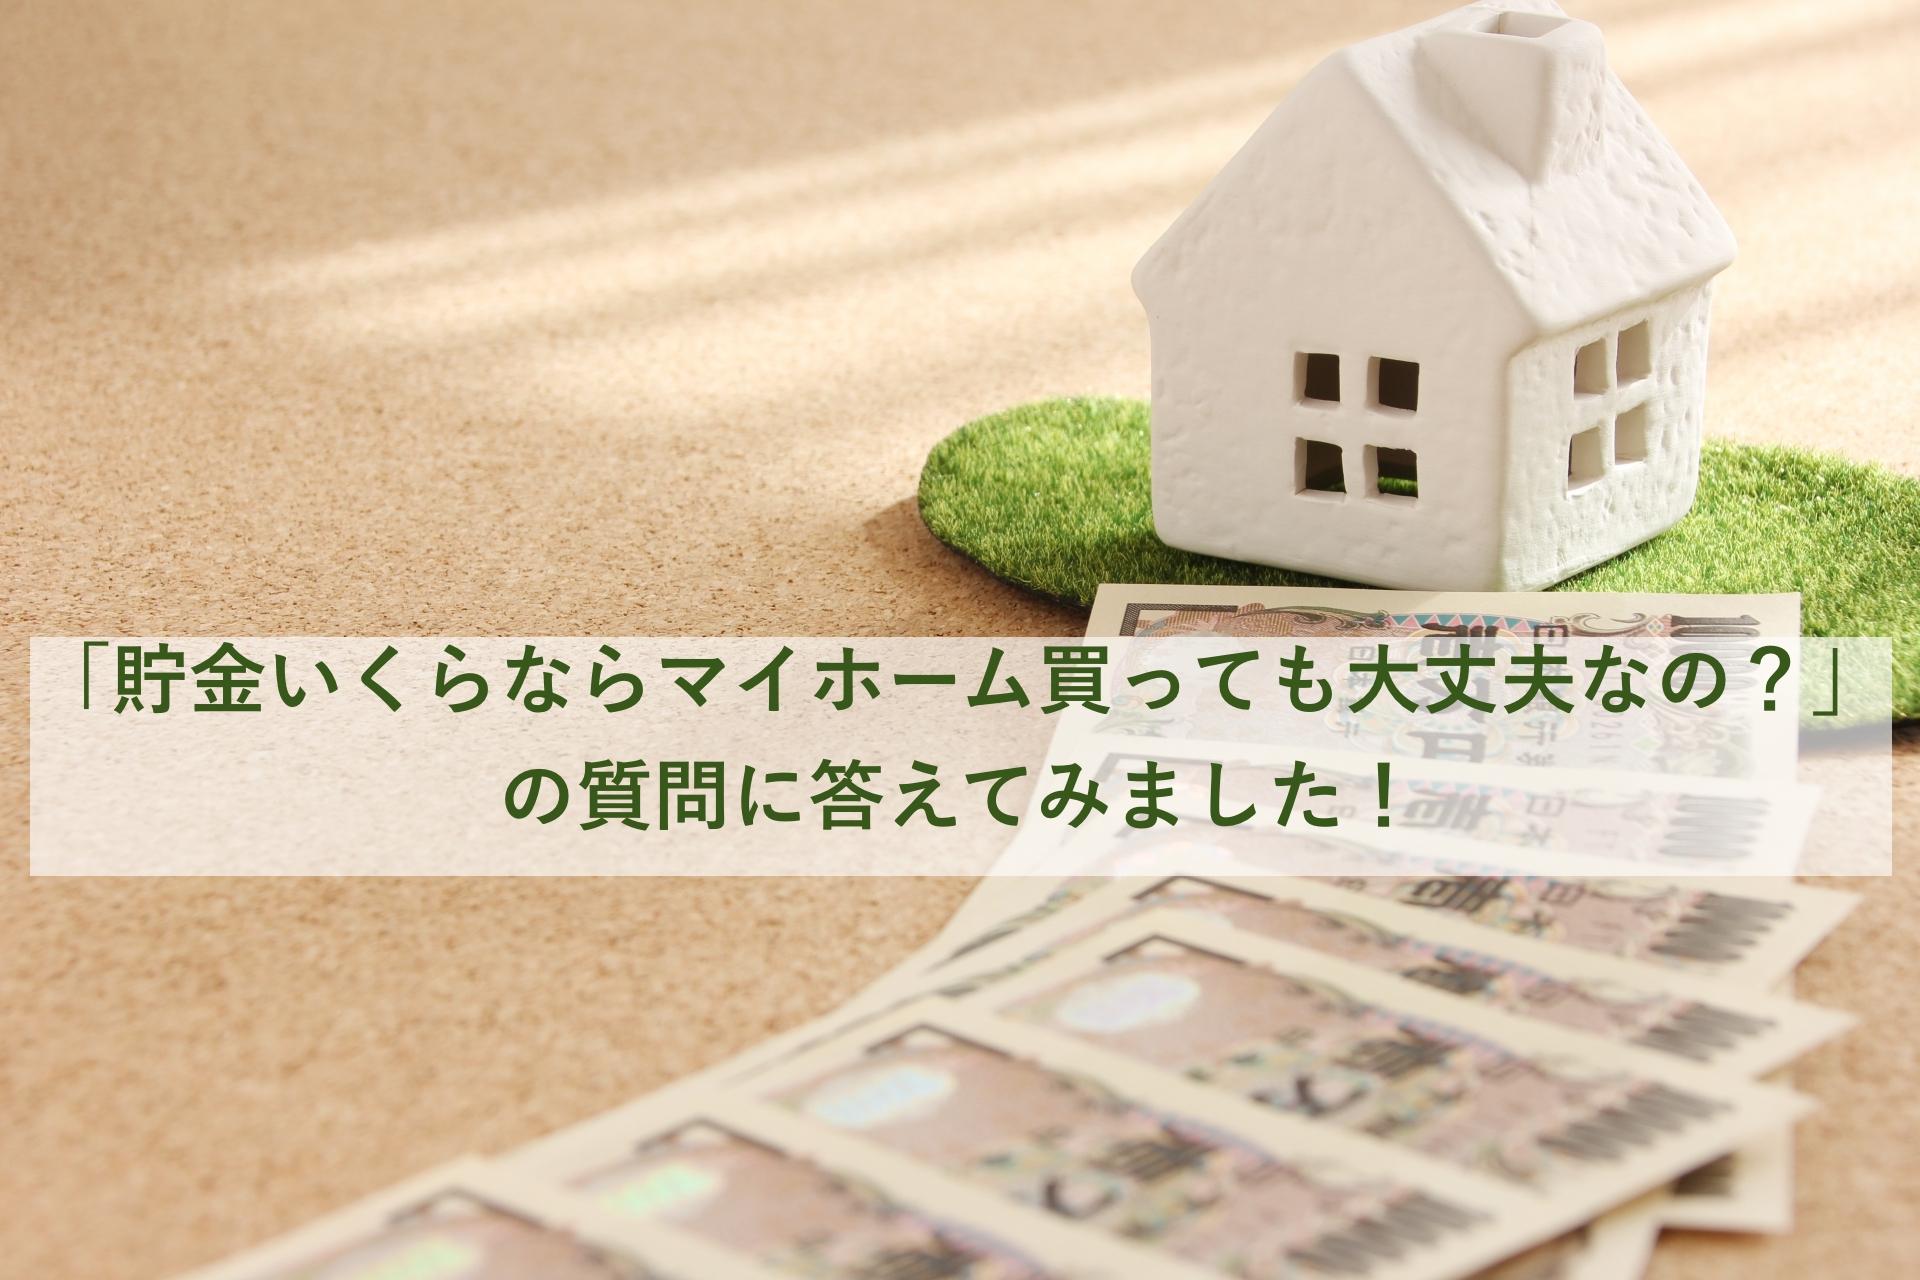 マイホーム 貯金